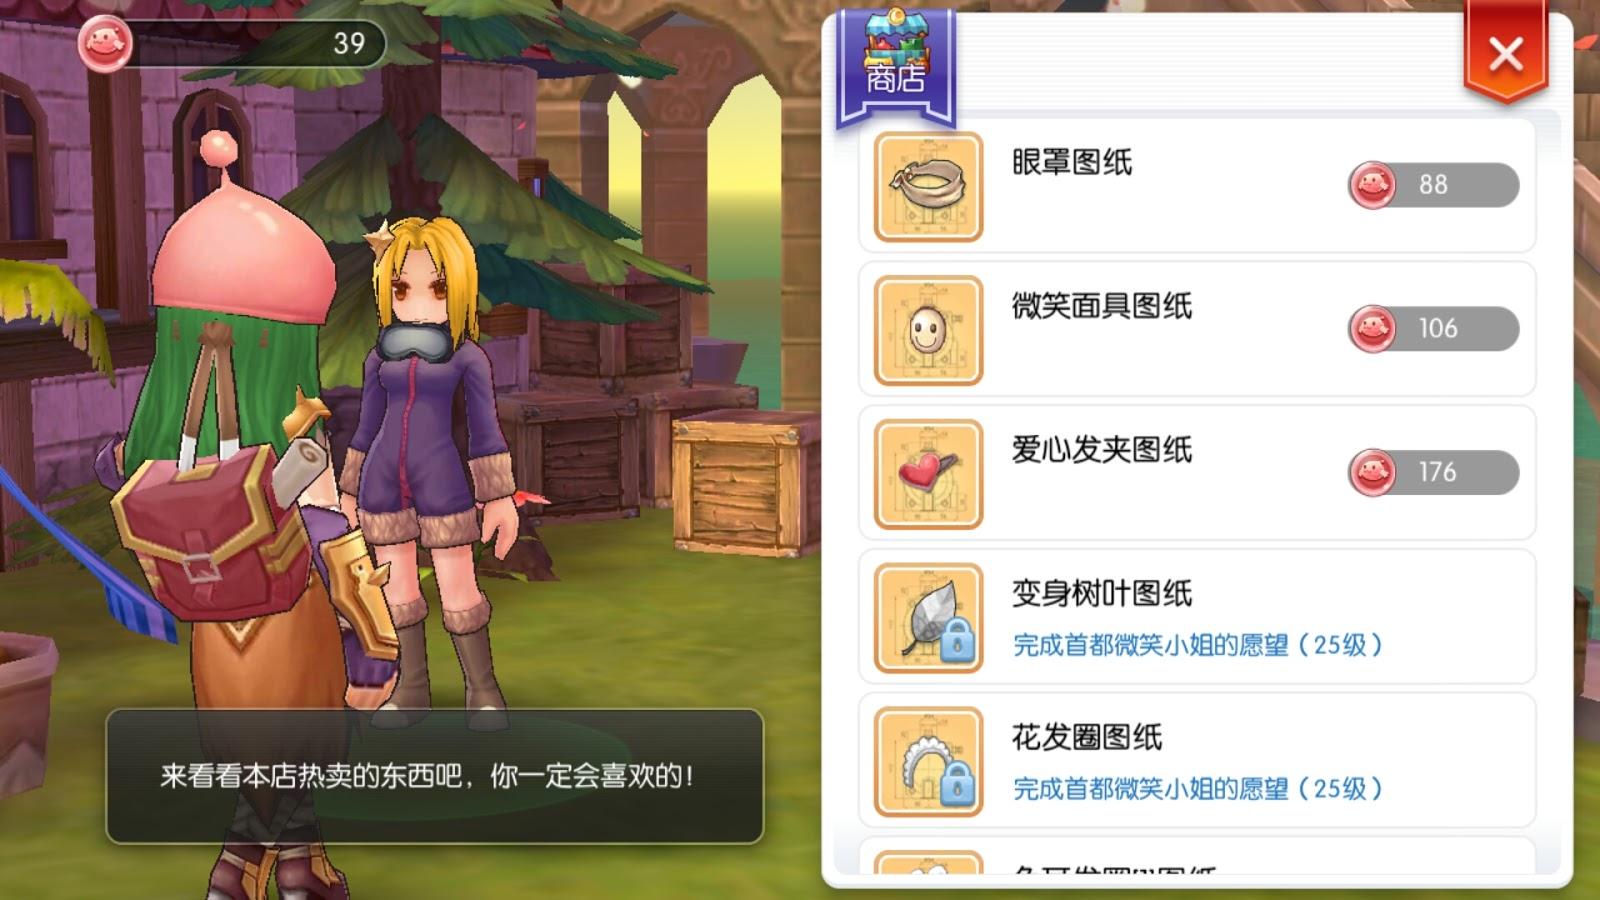 Ragnarok mobile ragnarok mobile izlude bard quest story quest ragnarok mobile forumfinder Images